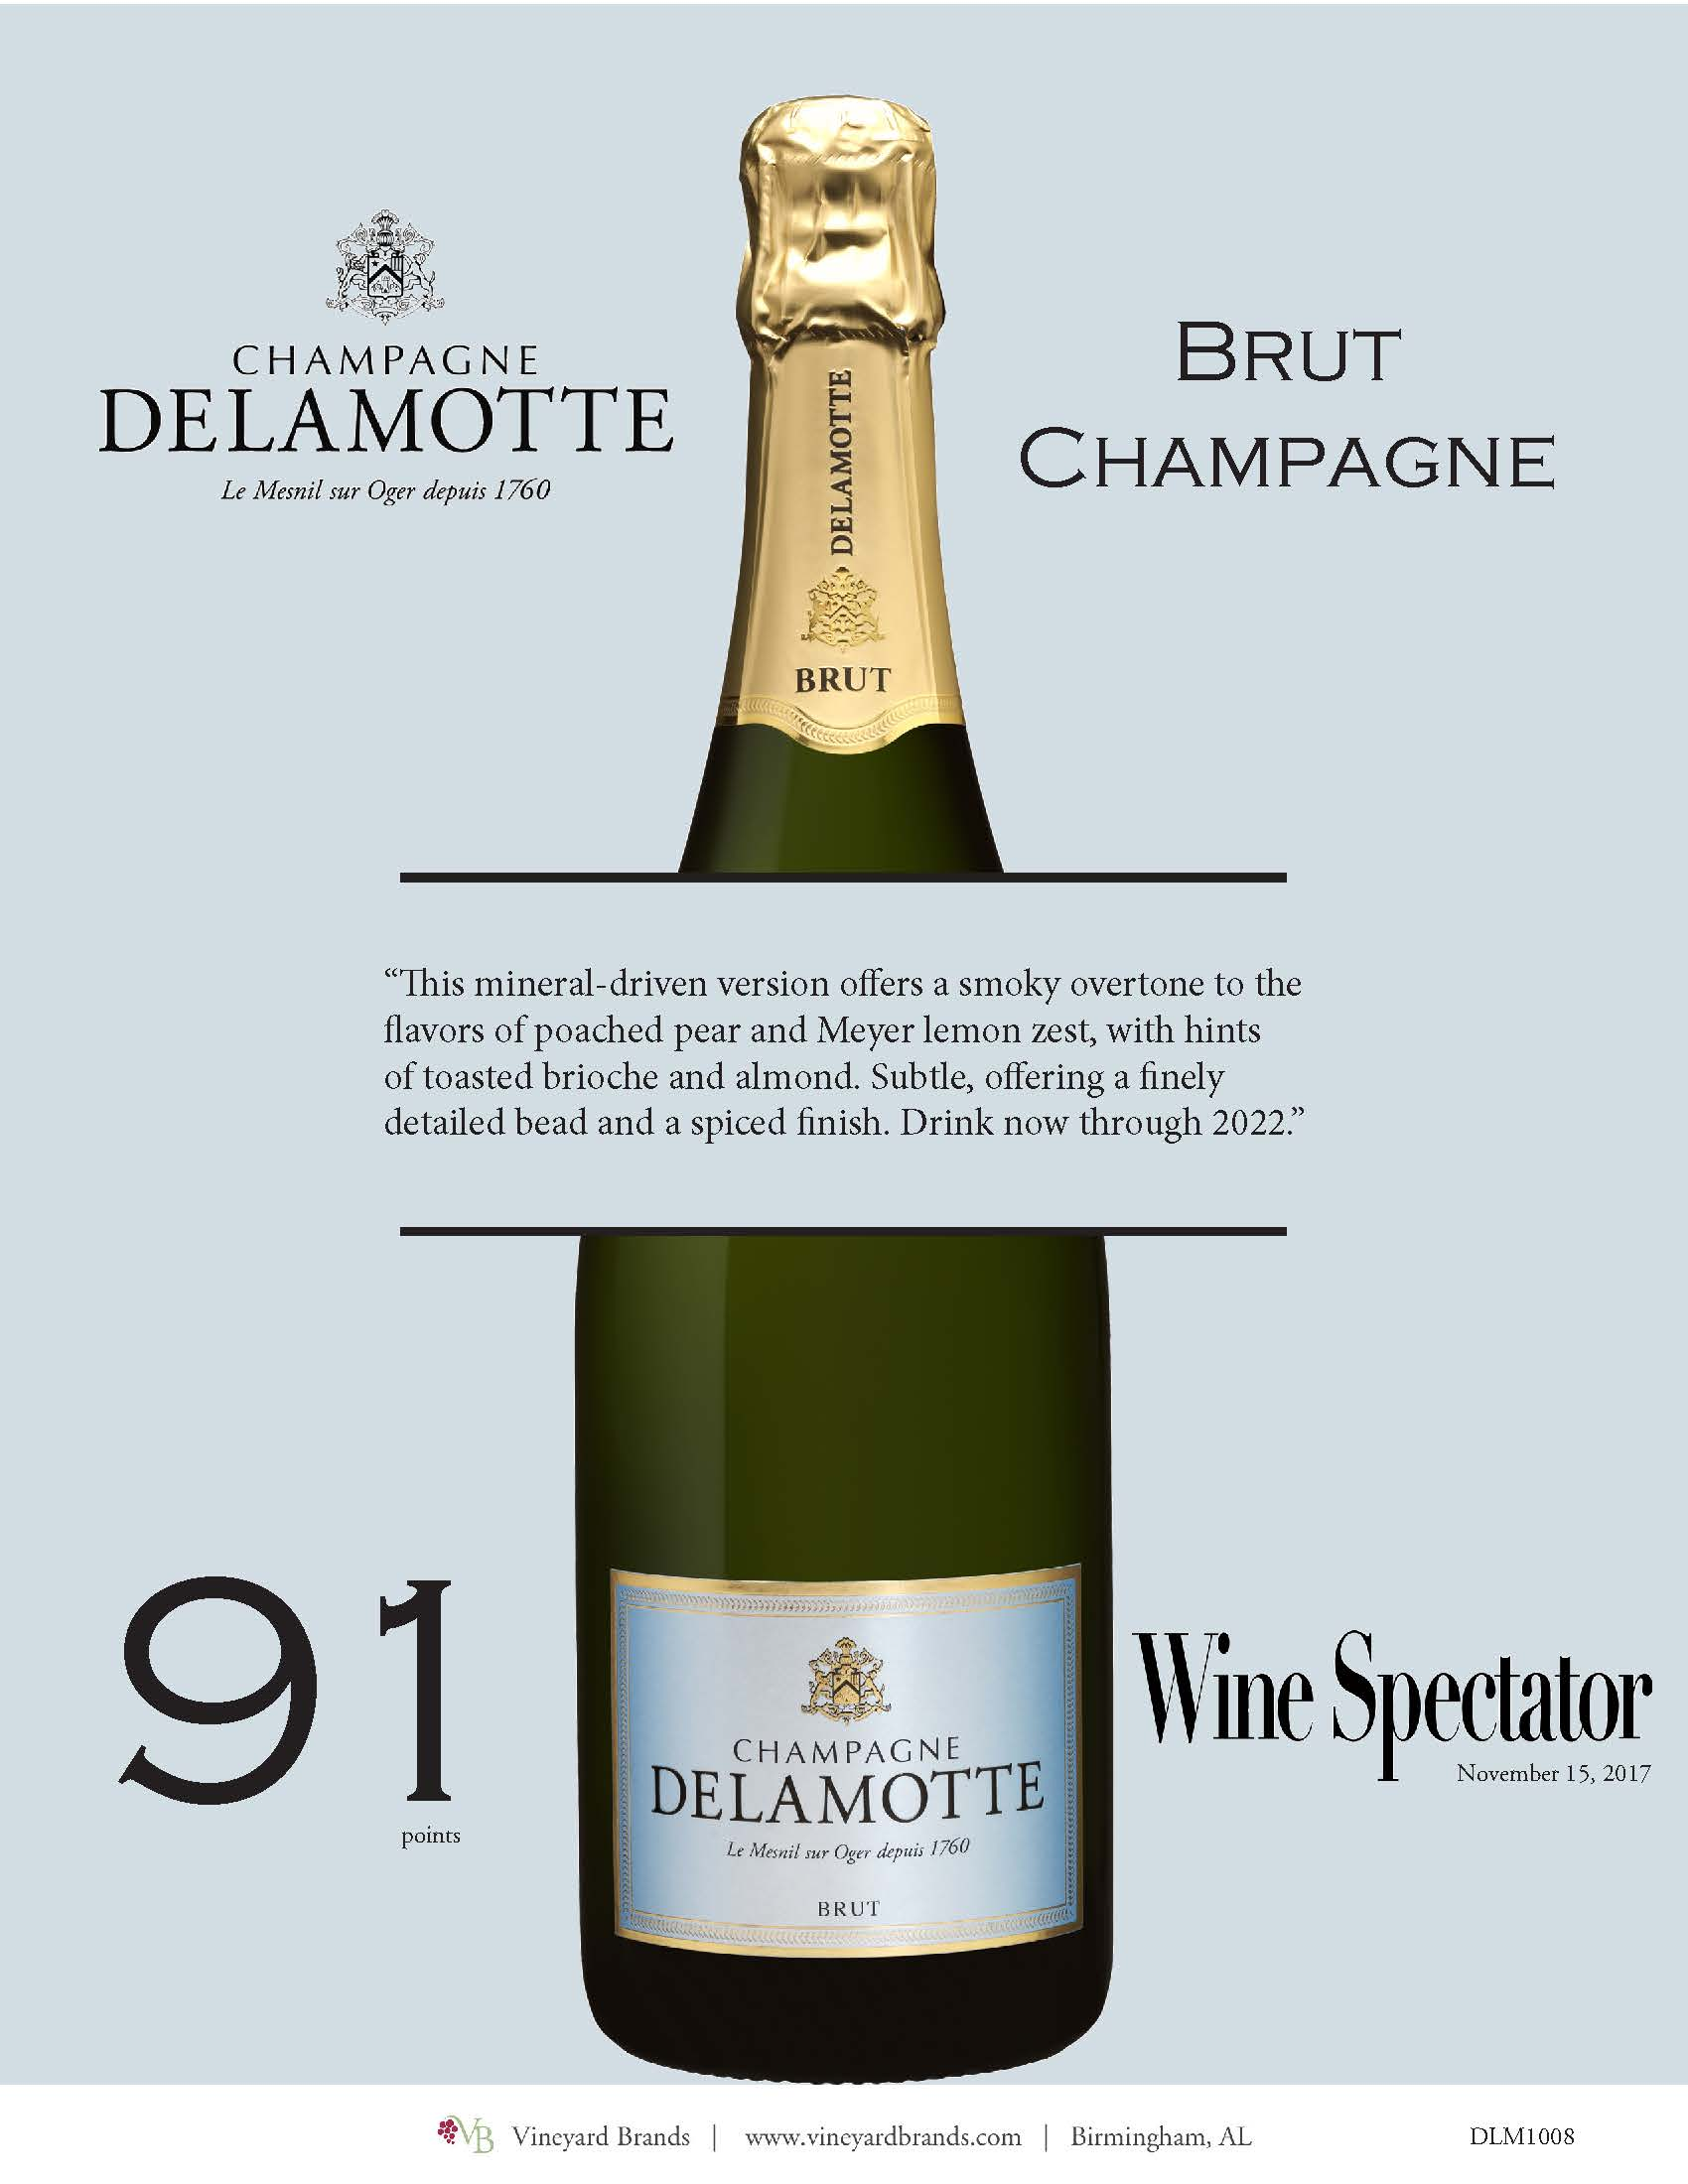 Champagne Delamotte Brut Champagne NV.jpg